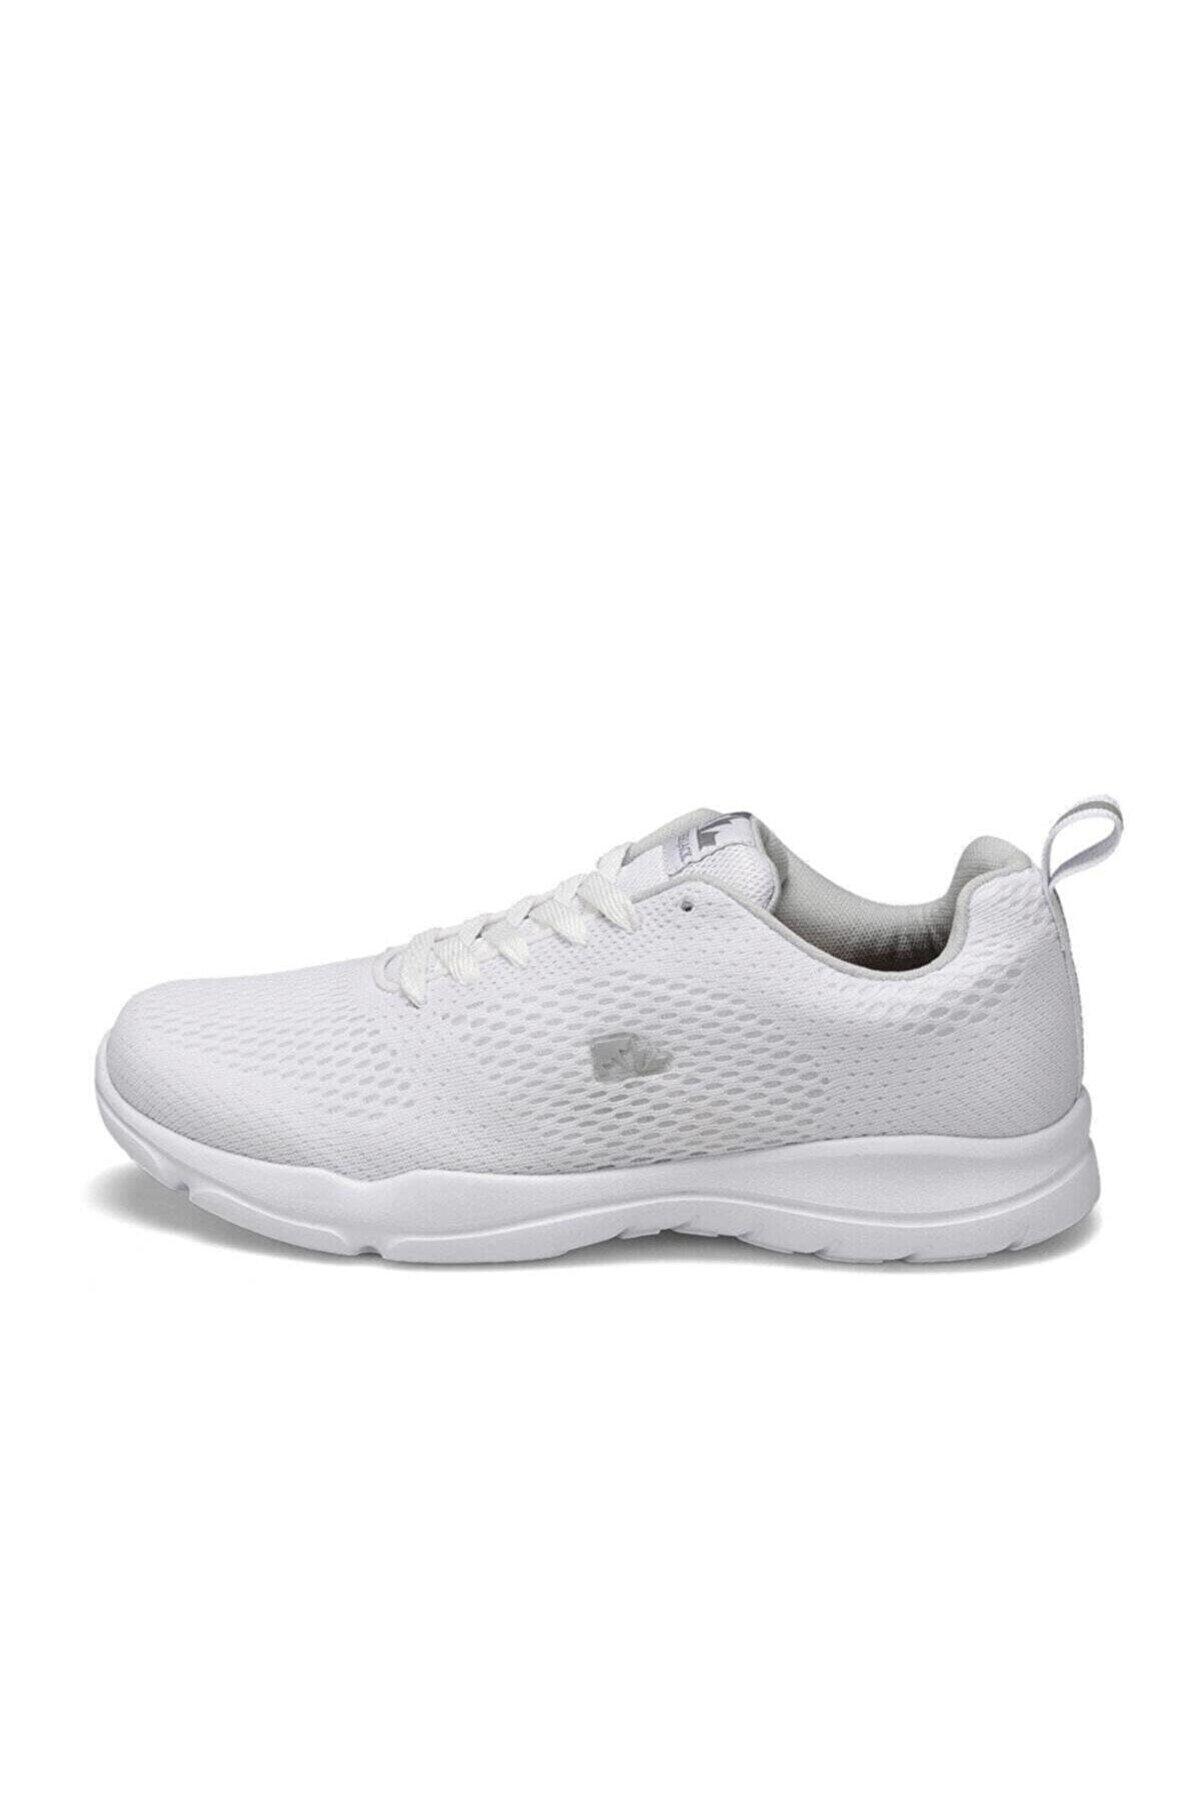 Lumberjack AGATHA Beyaz Erkek Comfort Ayakkabı 100497446